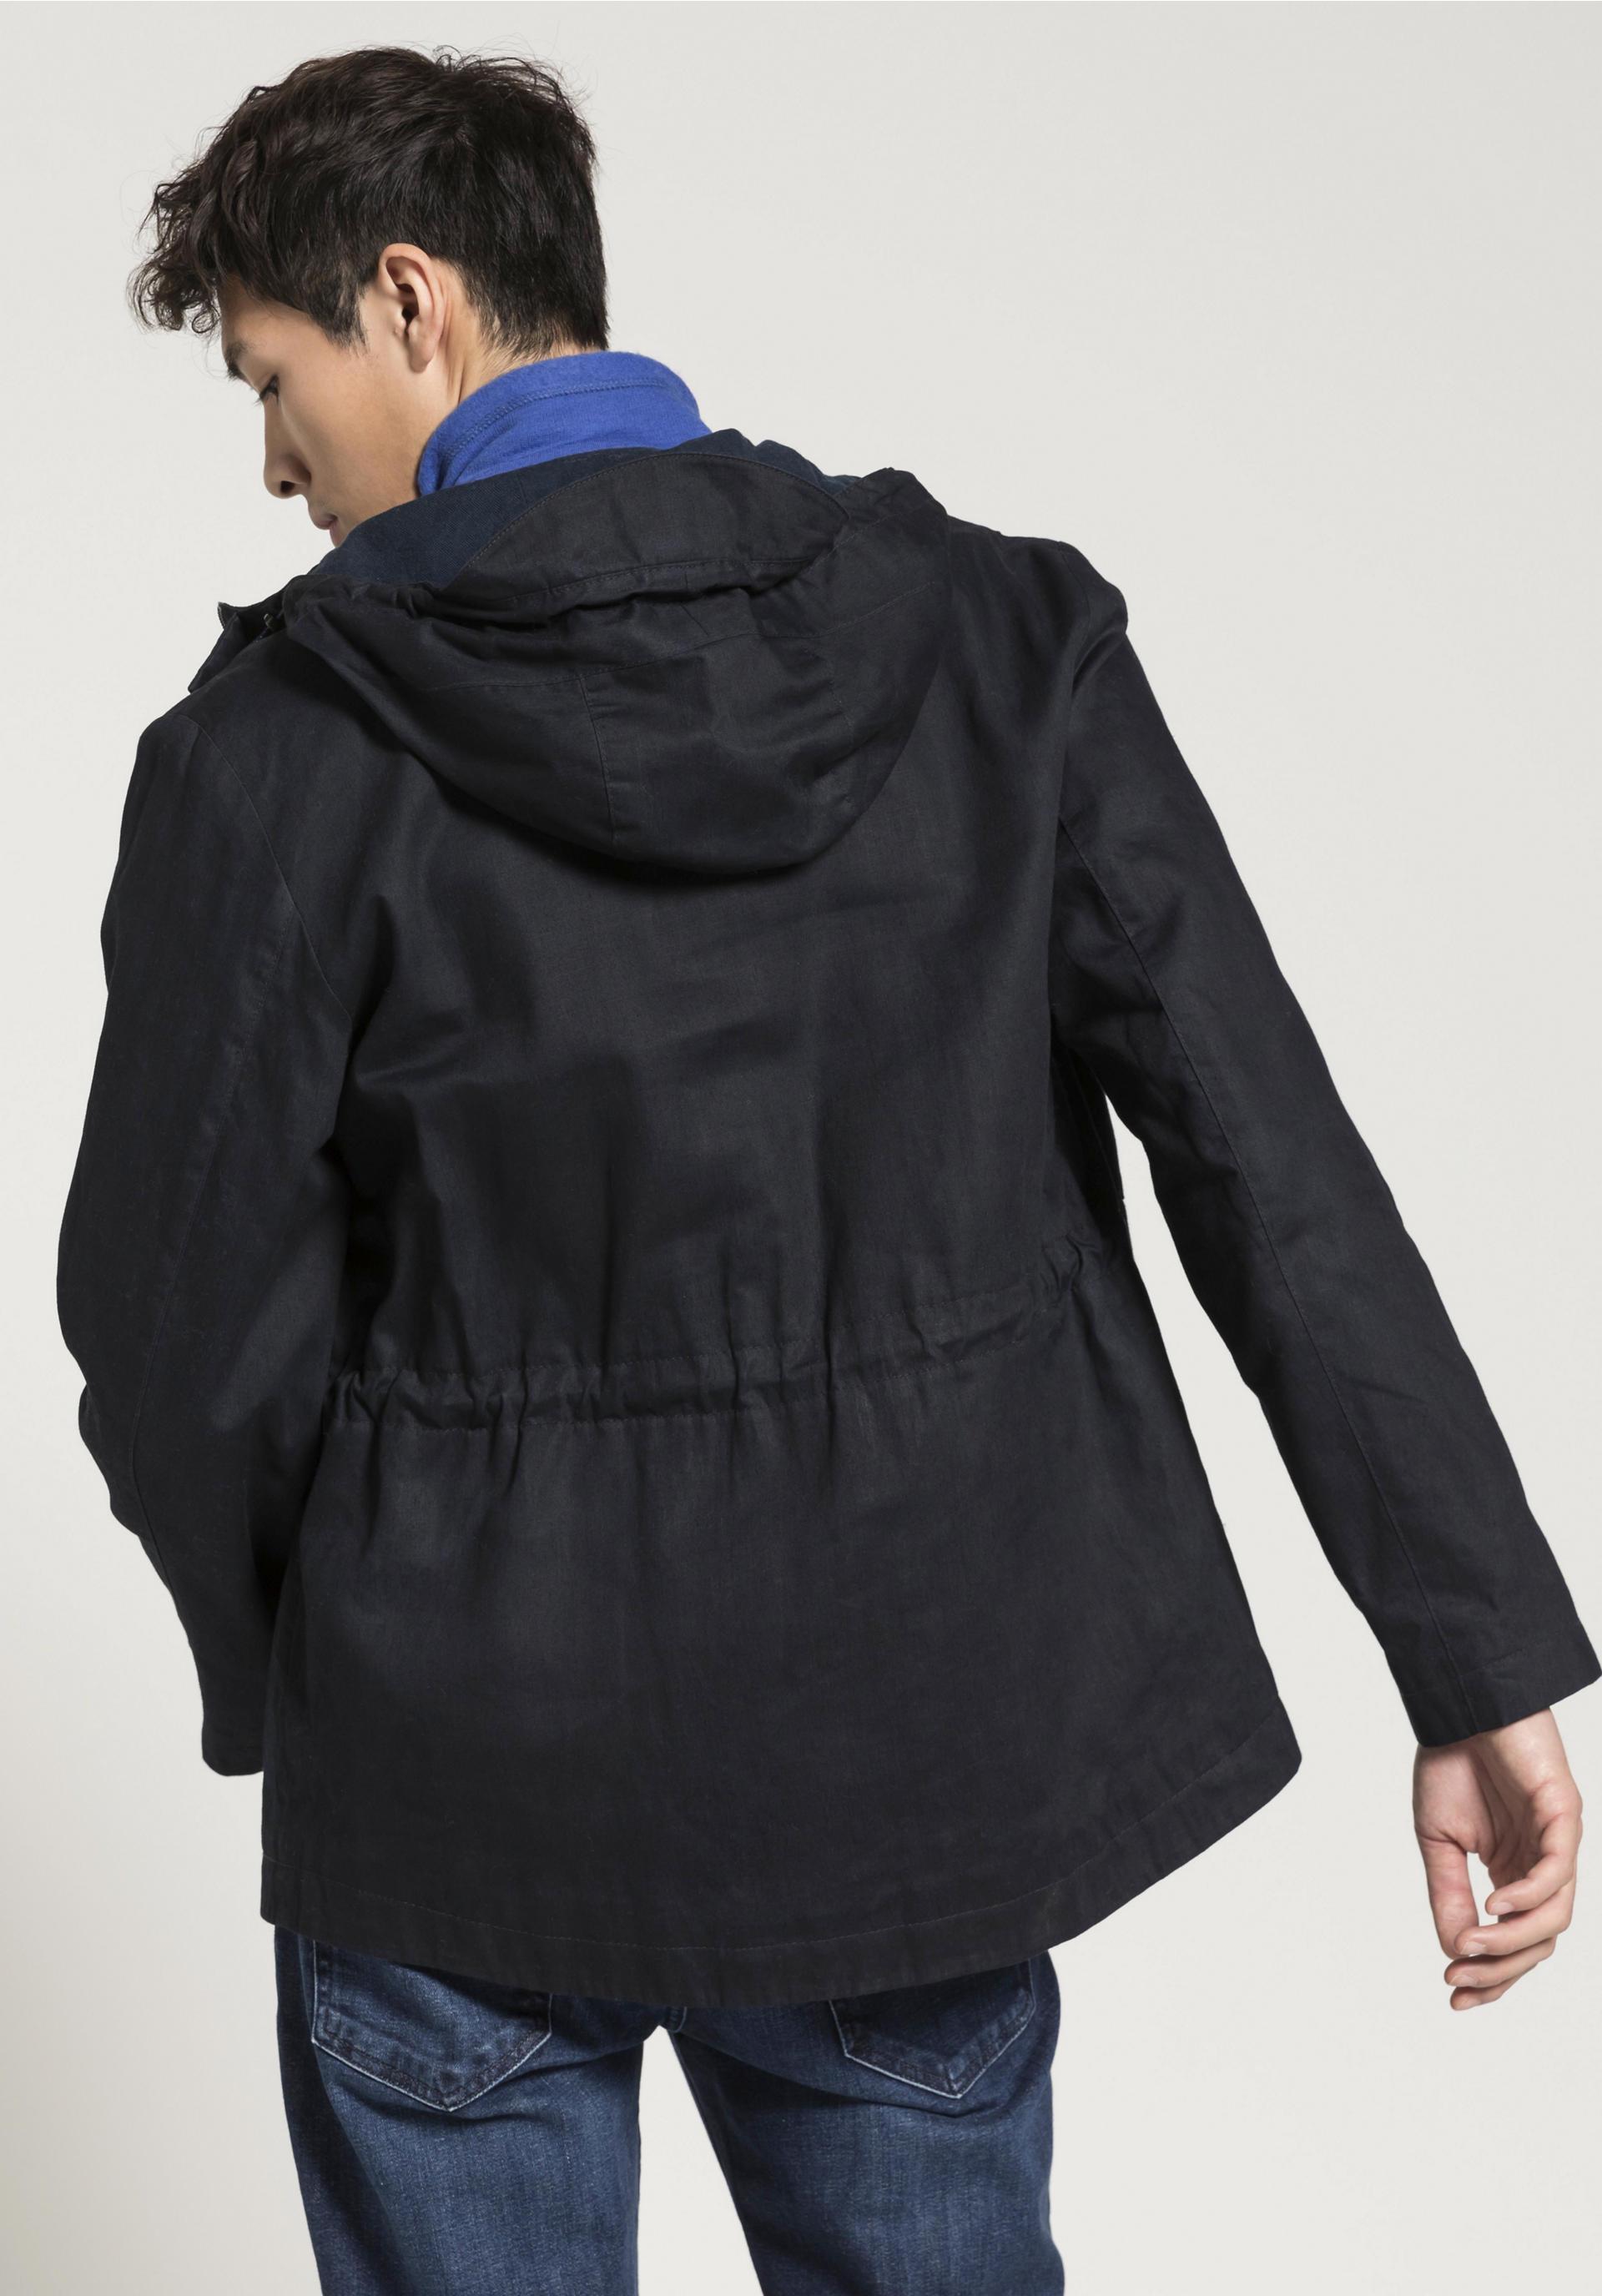 Wachsjacke für Ihn aus reiner Bio Baumwolle von hessnatur